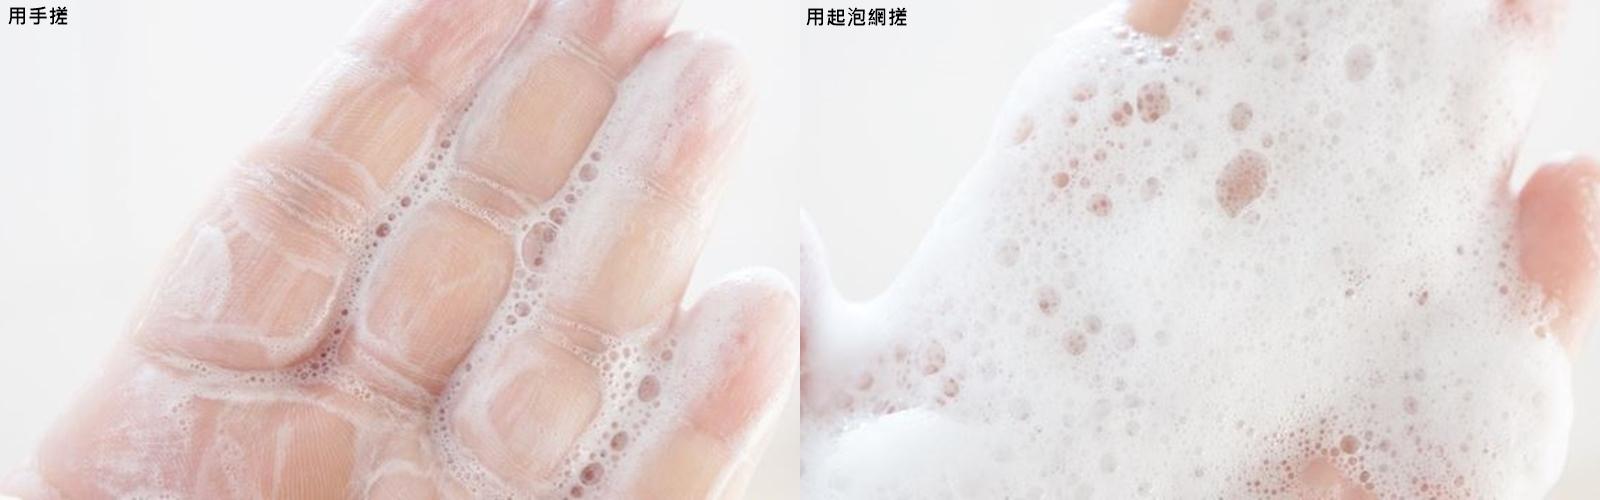 因此可以很輕鬆搓出綿密又豐富的泡泡。如果想要泡沫更多更綿密,用起泡網搓就可以囉!